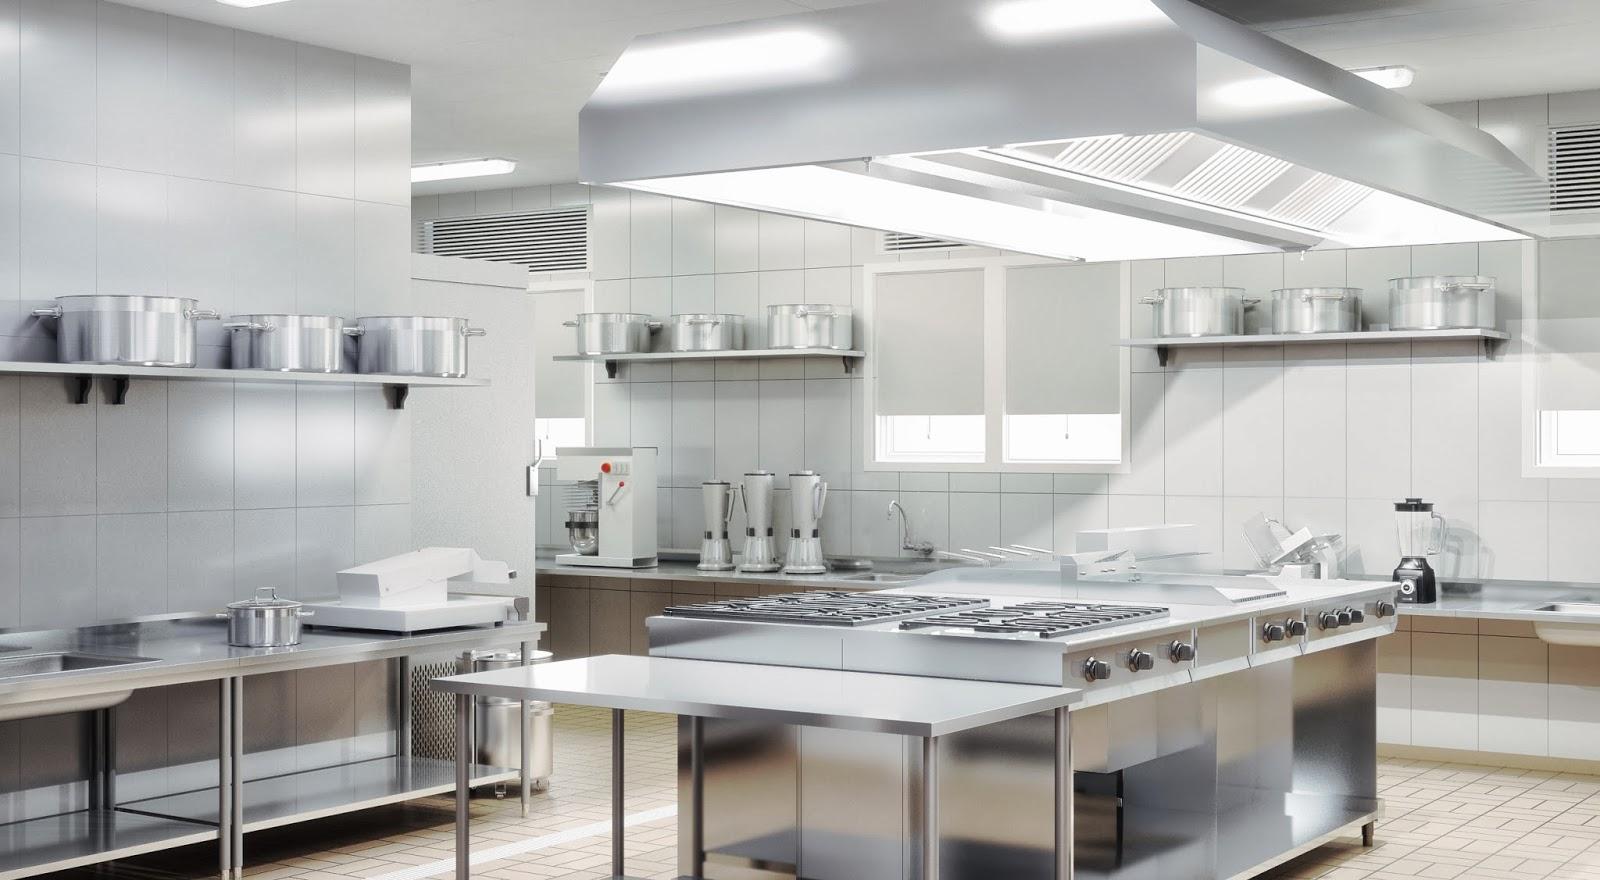 rk arquitetura maquete eletrônica 3dsul projeto restaurante projeto #6B5D50 1600 880